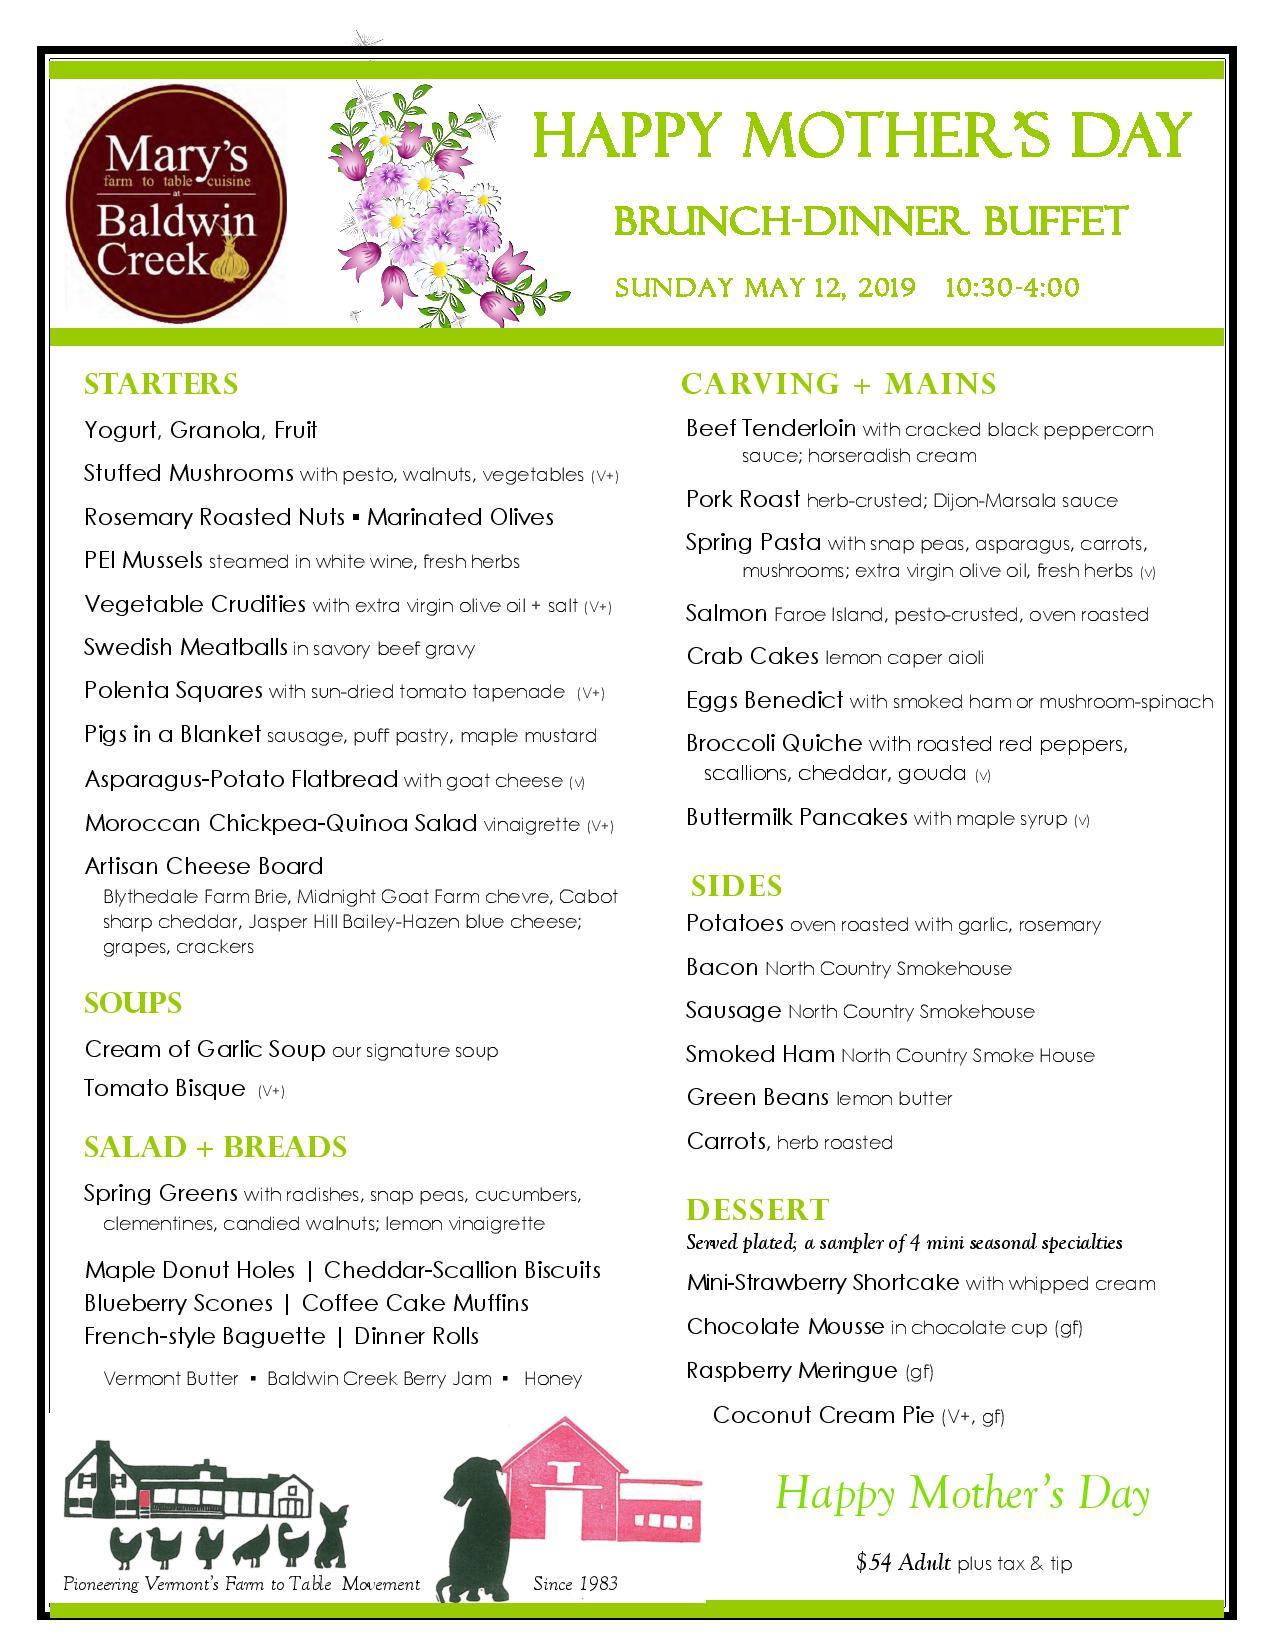 Mothers Day 2019 Brunch-Dinner Buffet.jpg